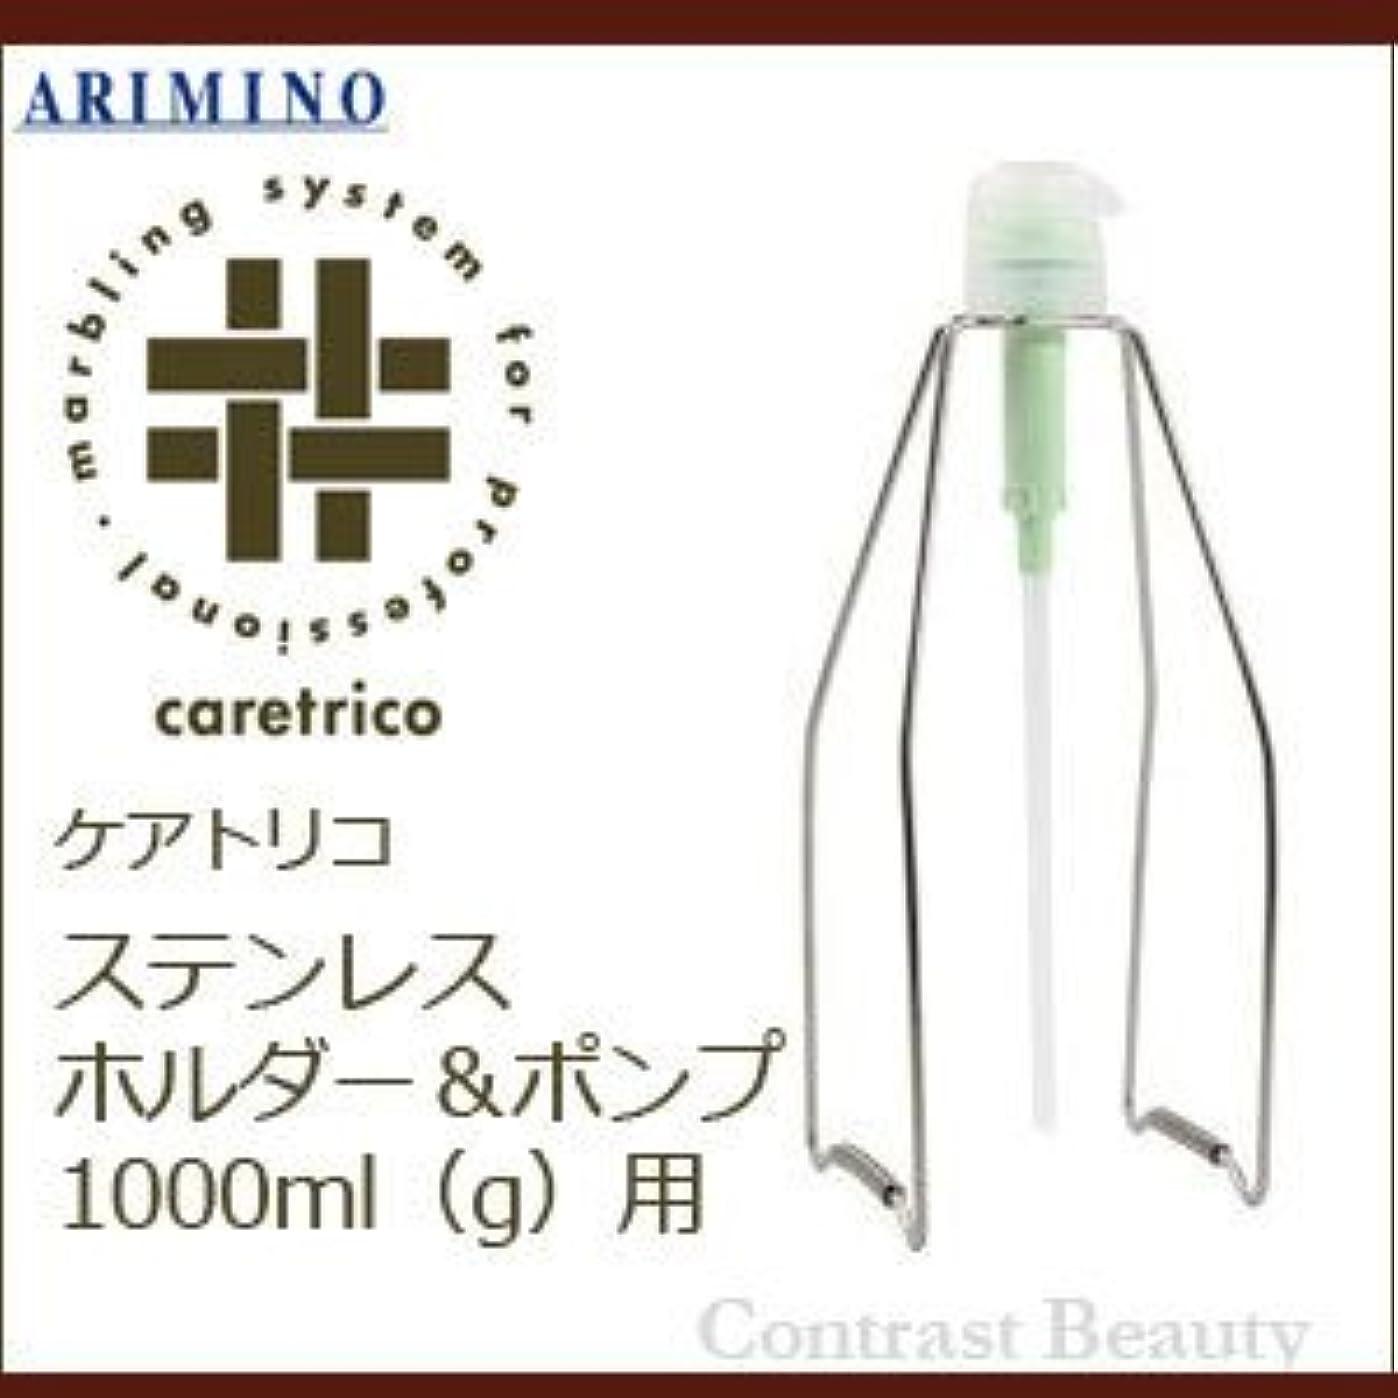 どういたしまして一見開梱アリミノ ケアトリコ 1000ml(g)用 ステンレス ホルダー&ポンプ